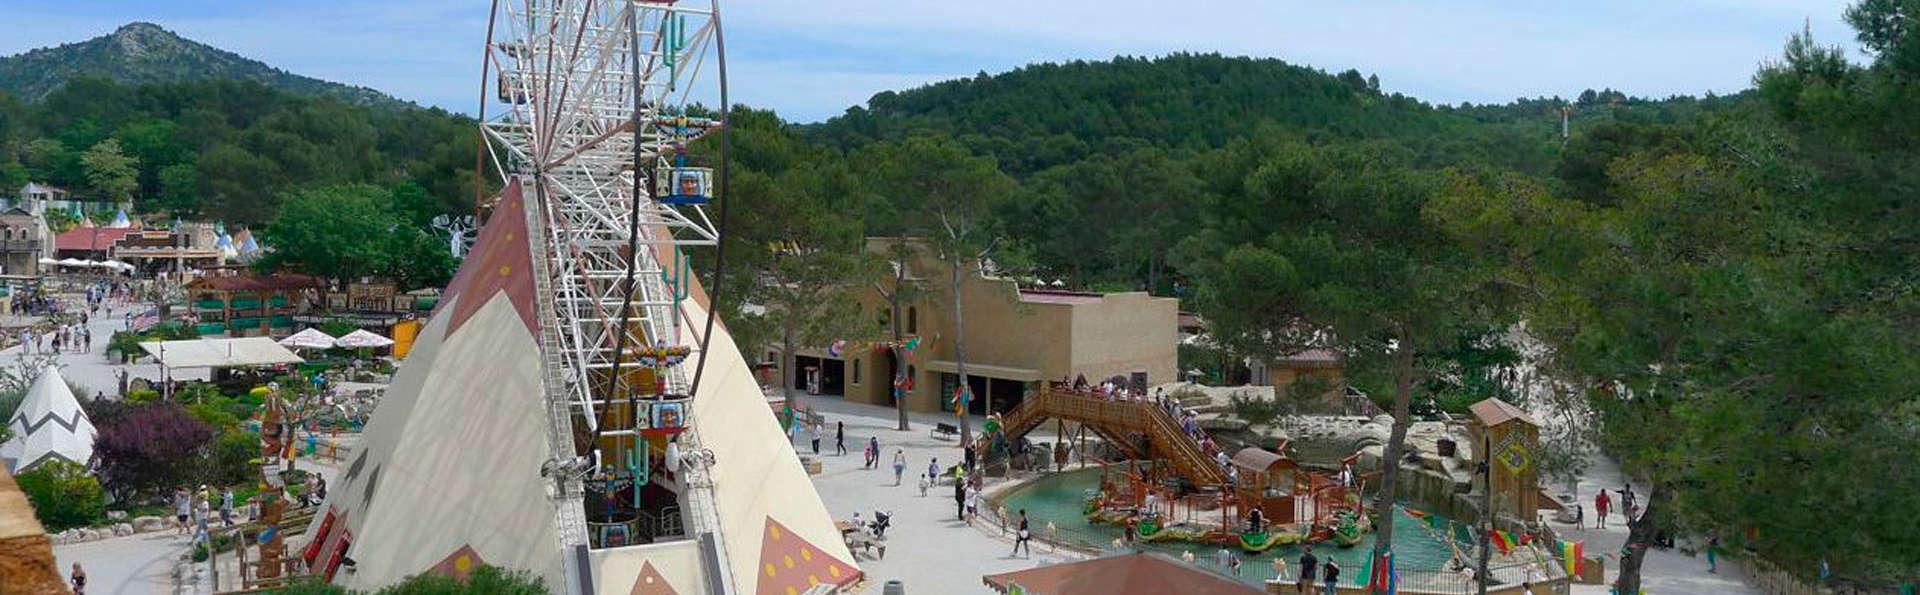 Week end parcs d 39 attractions aubagne avec entr e au parc d for Salon center aubagne